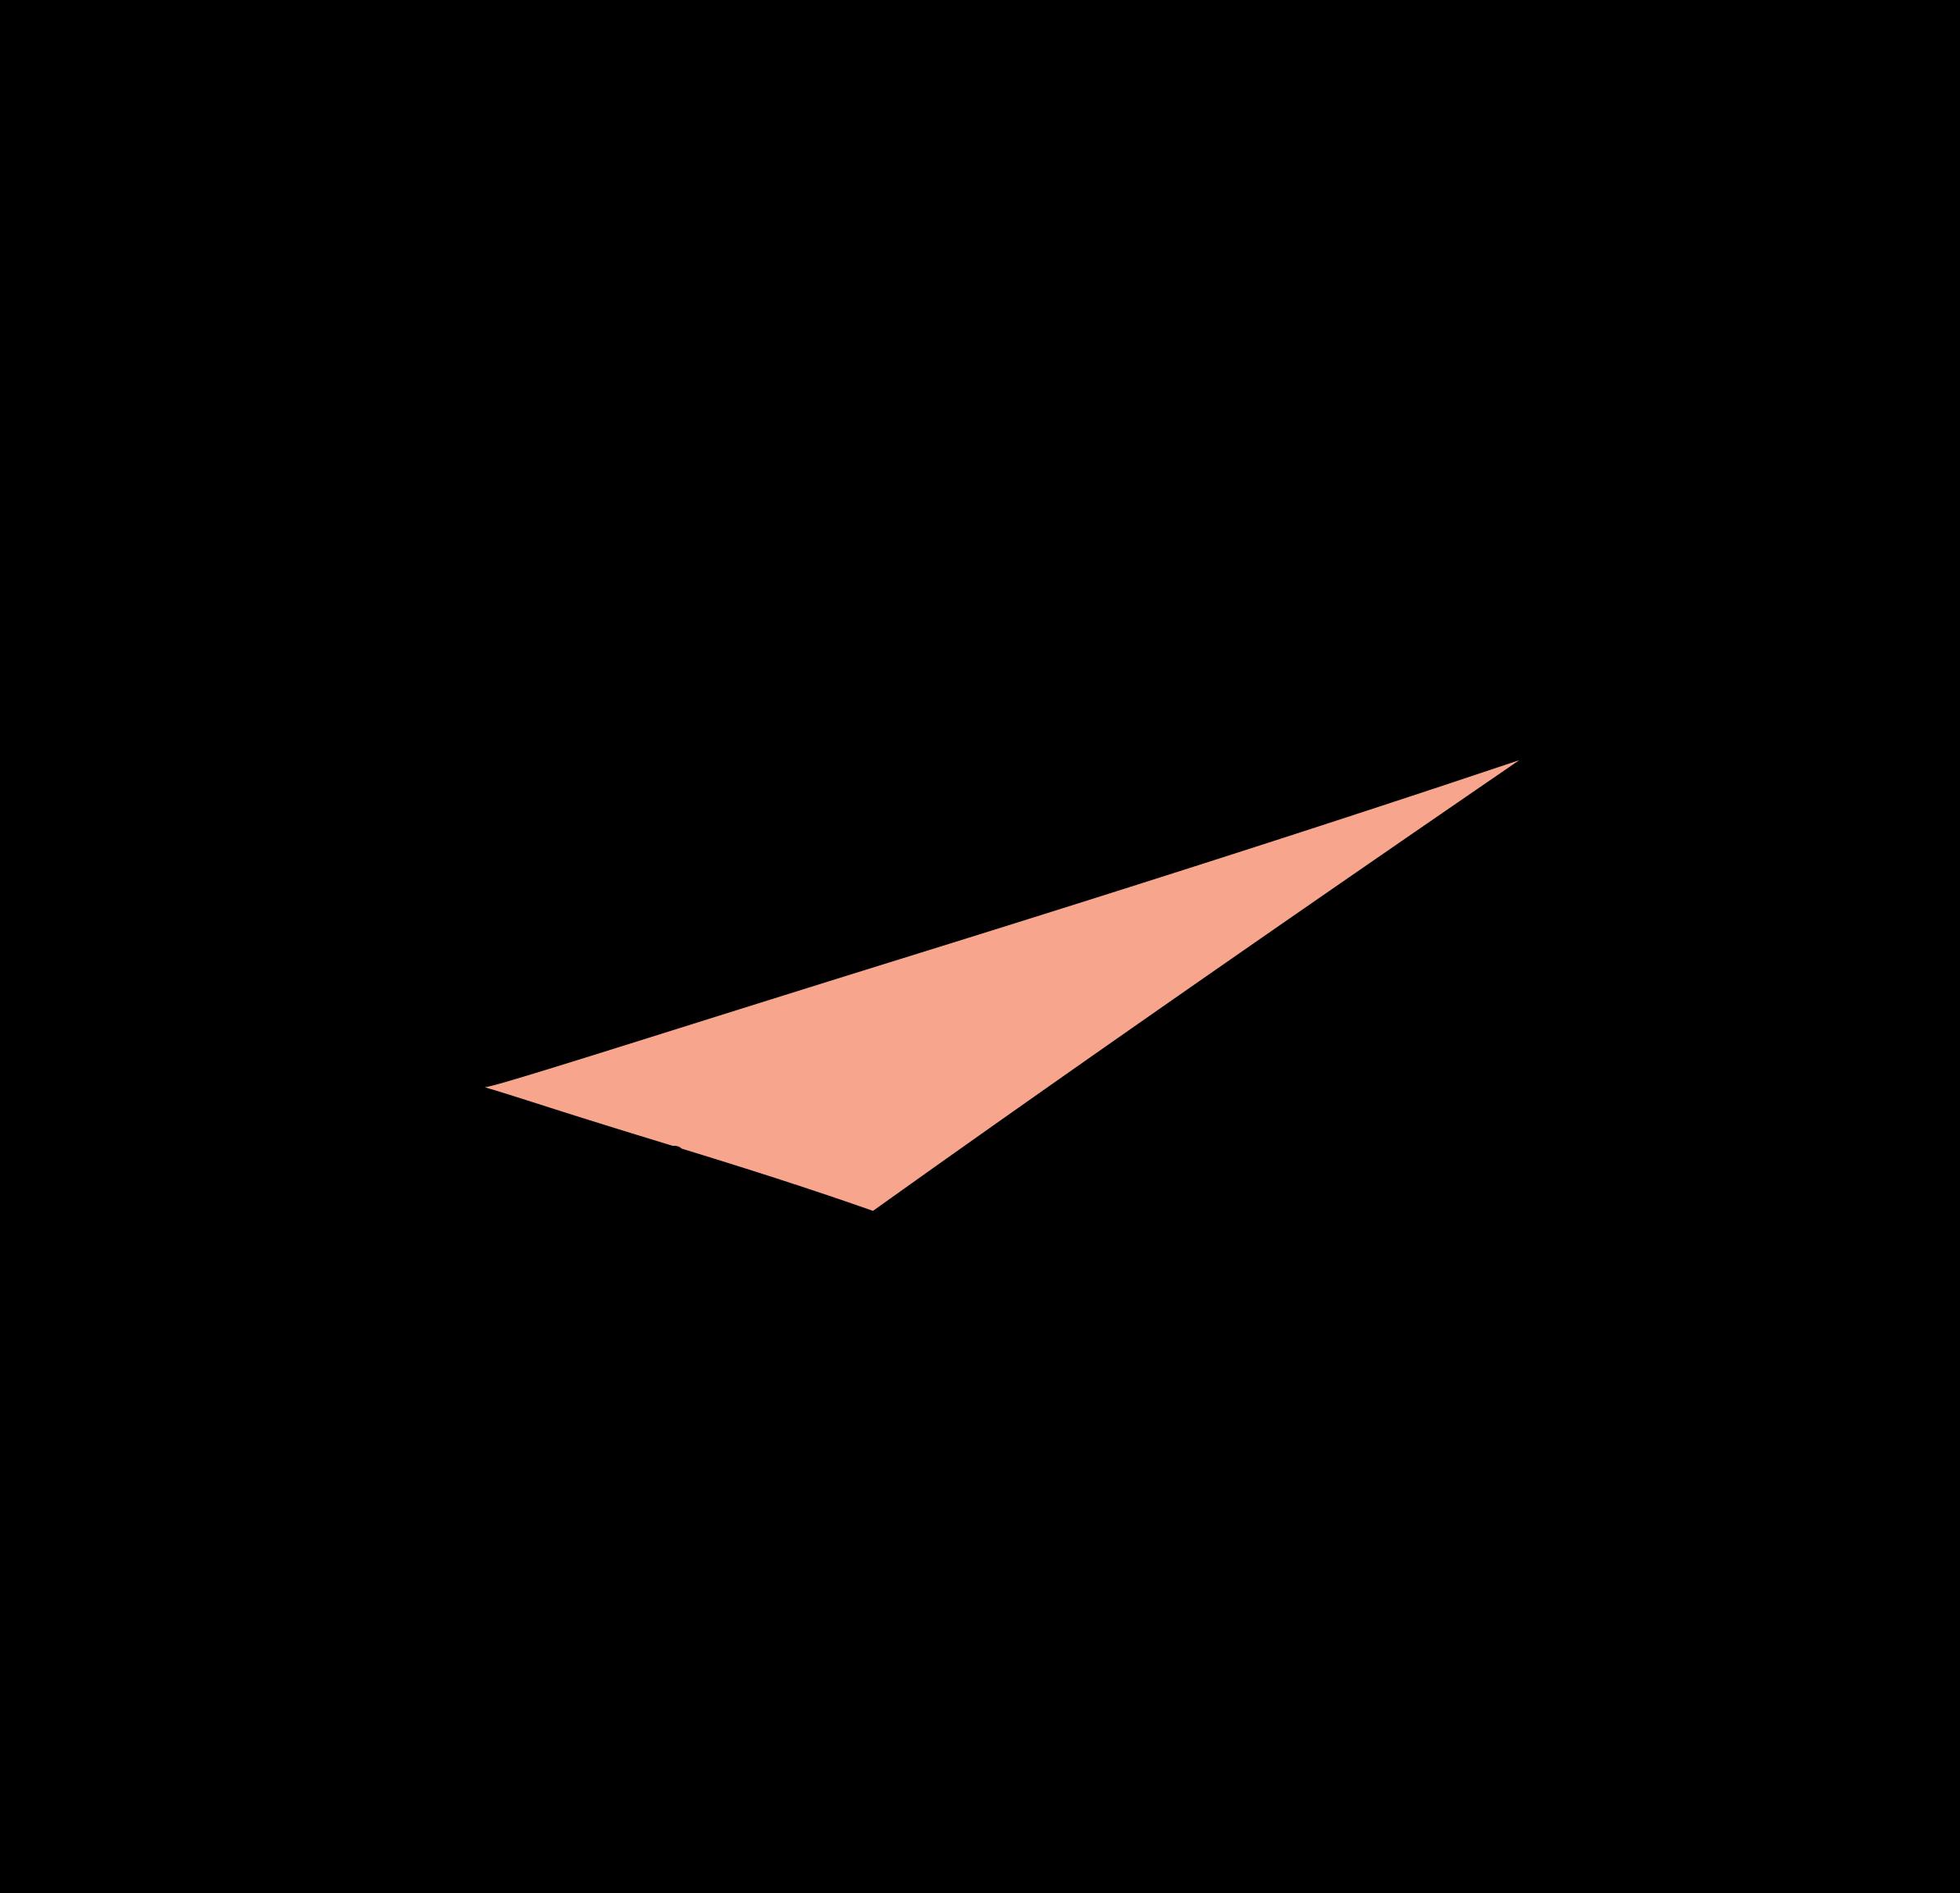 gegi paper plane